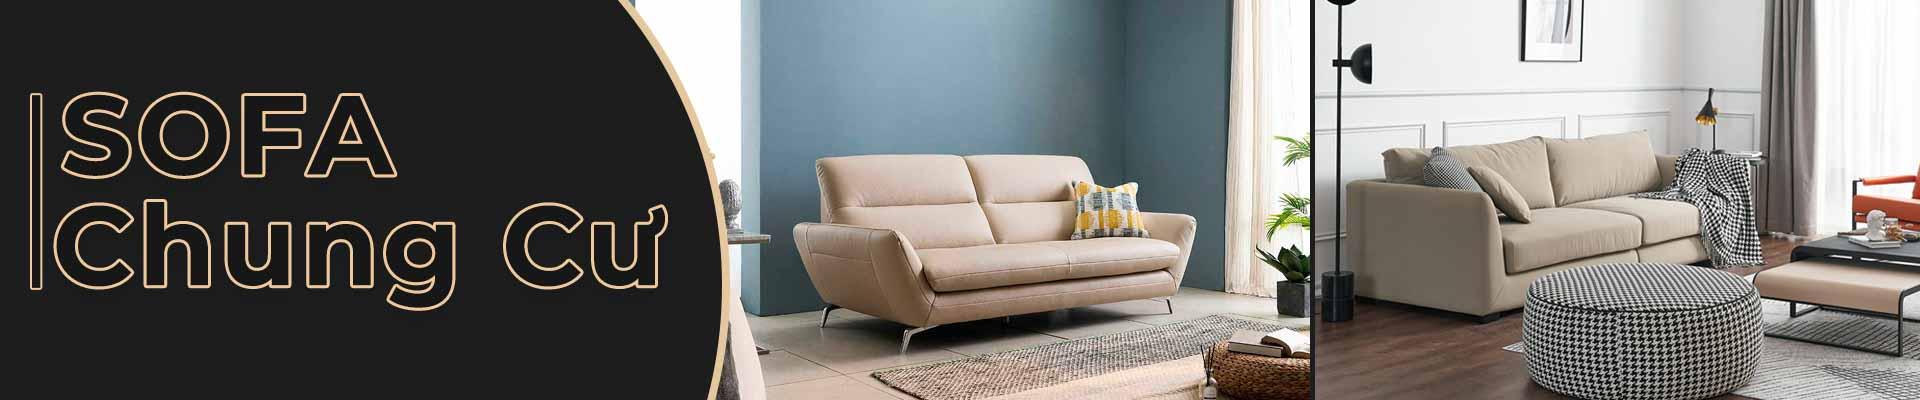 Sofa chung cư đẹp hiện đại